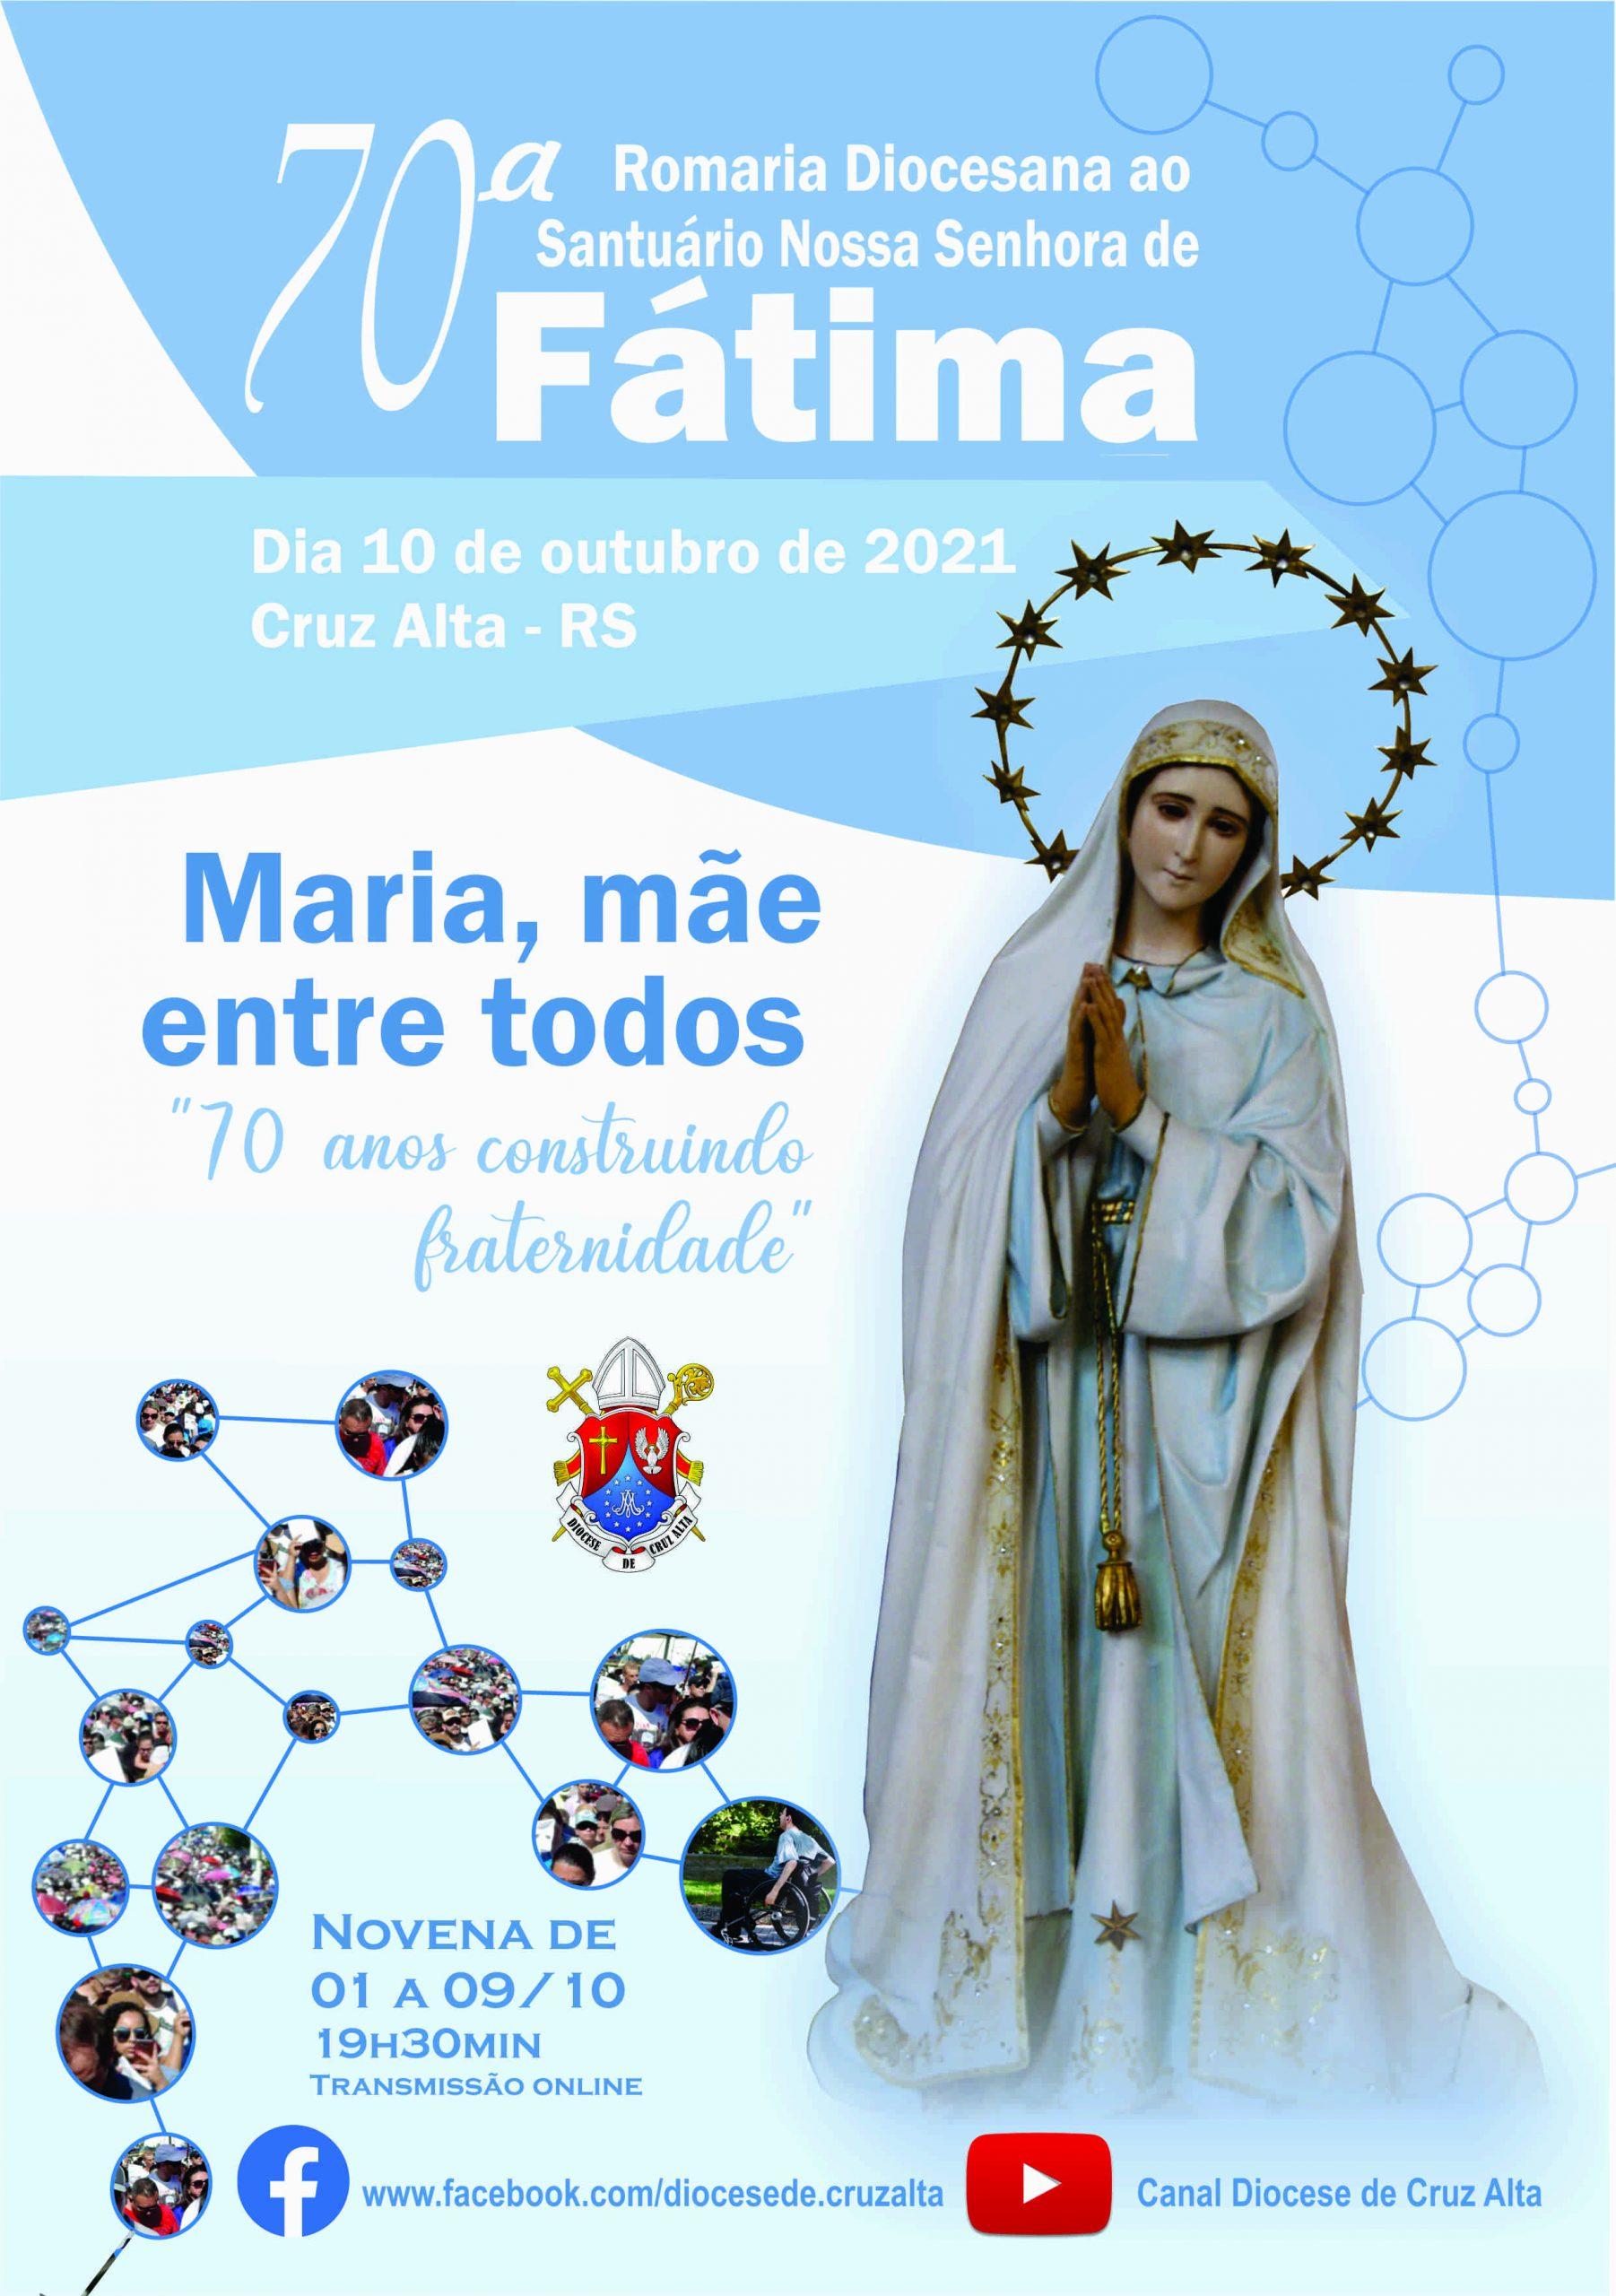 Lançada oficialmente a 70ª Romaria de Fátima de Cruz Alta